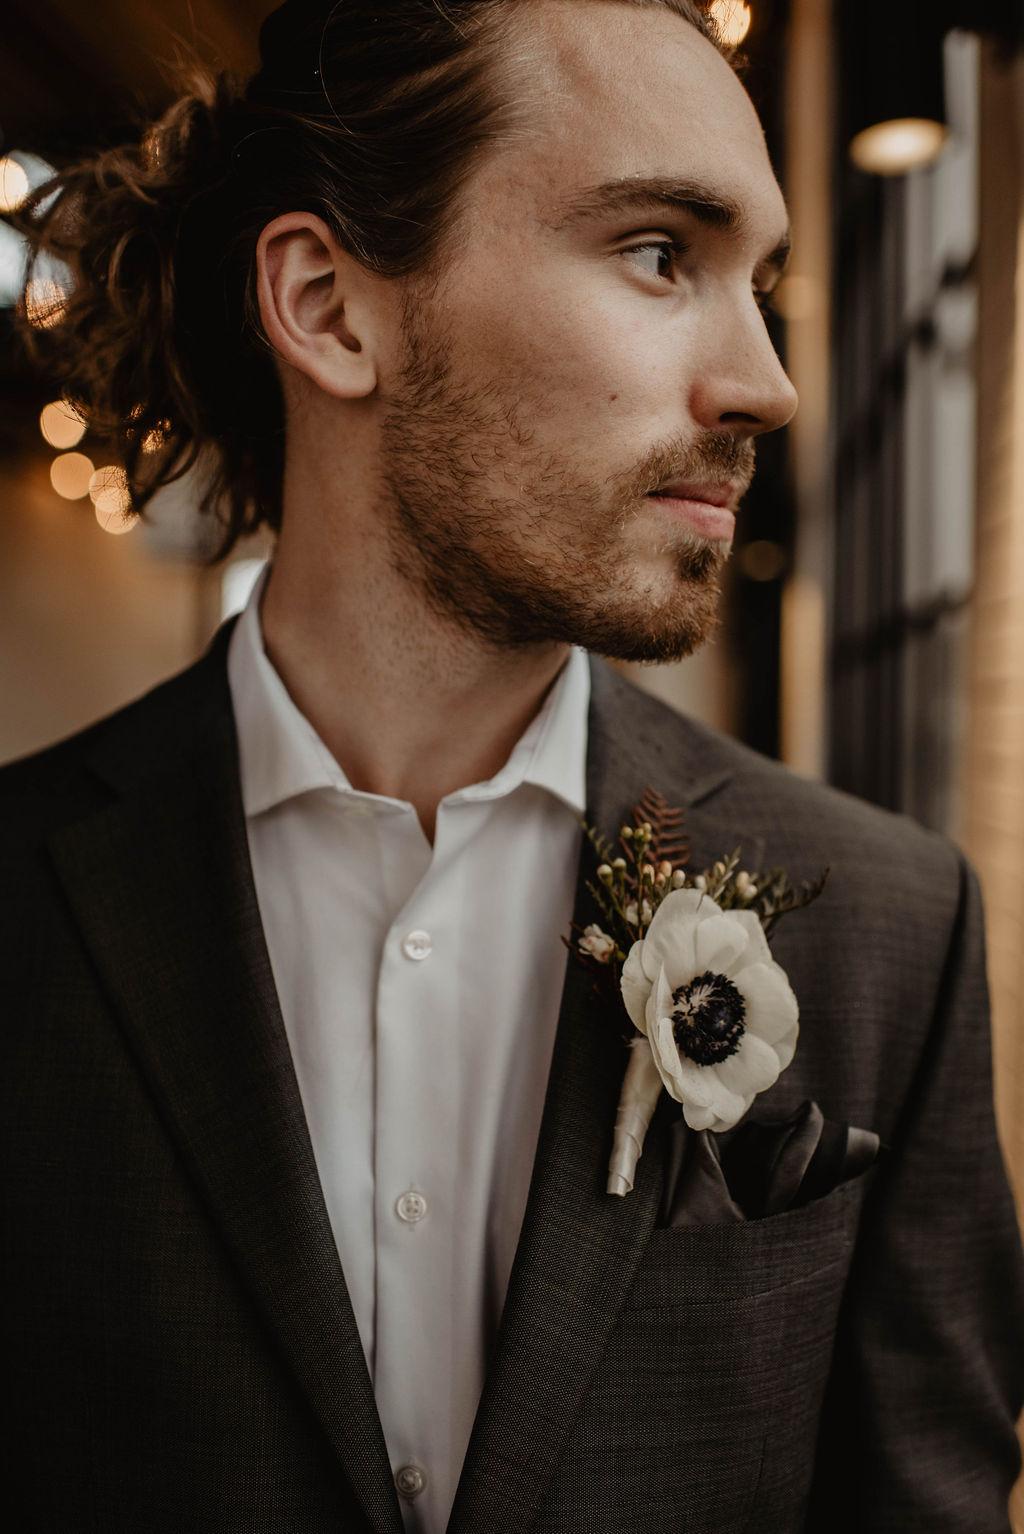 White wedding boutonniere   Nashville Bride Guide